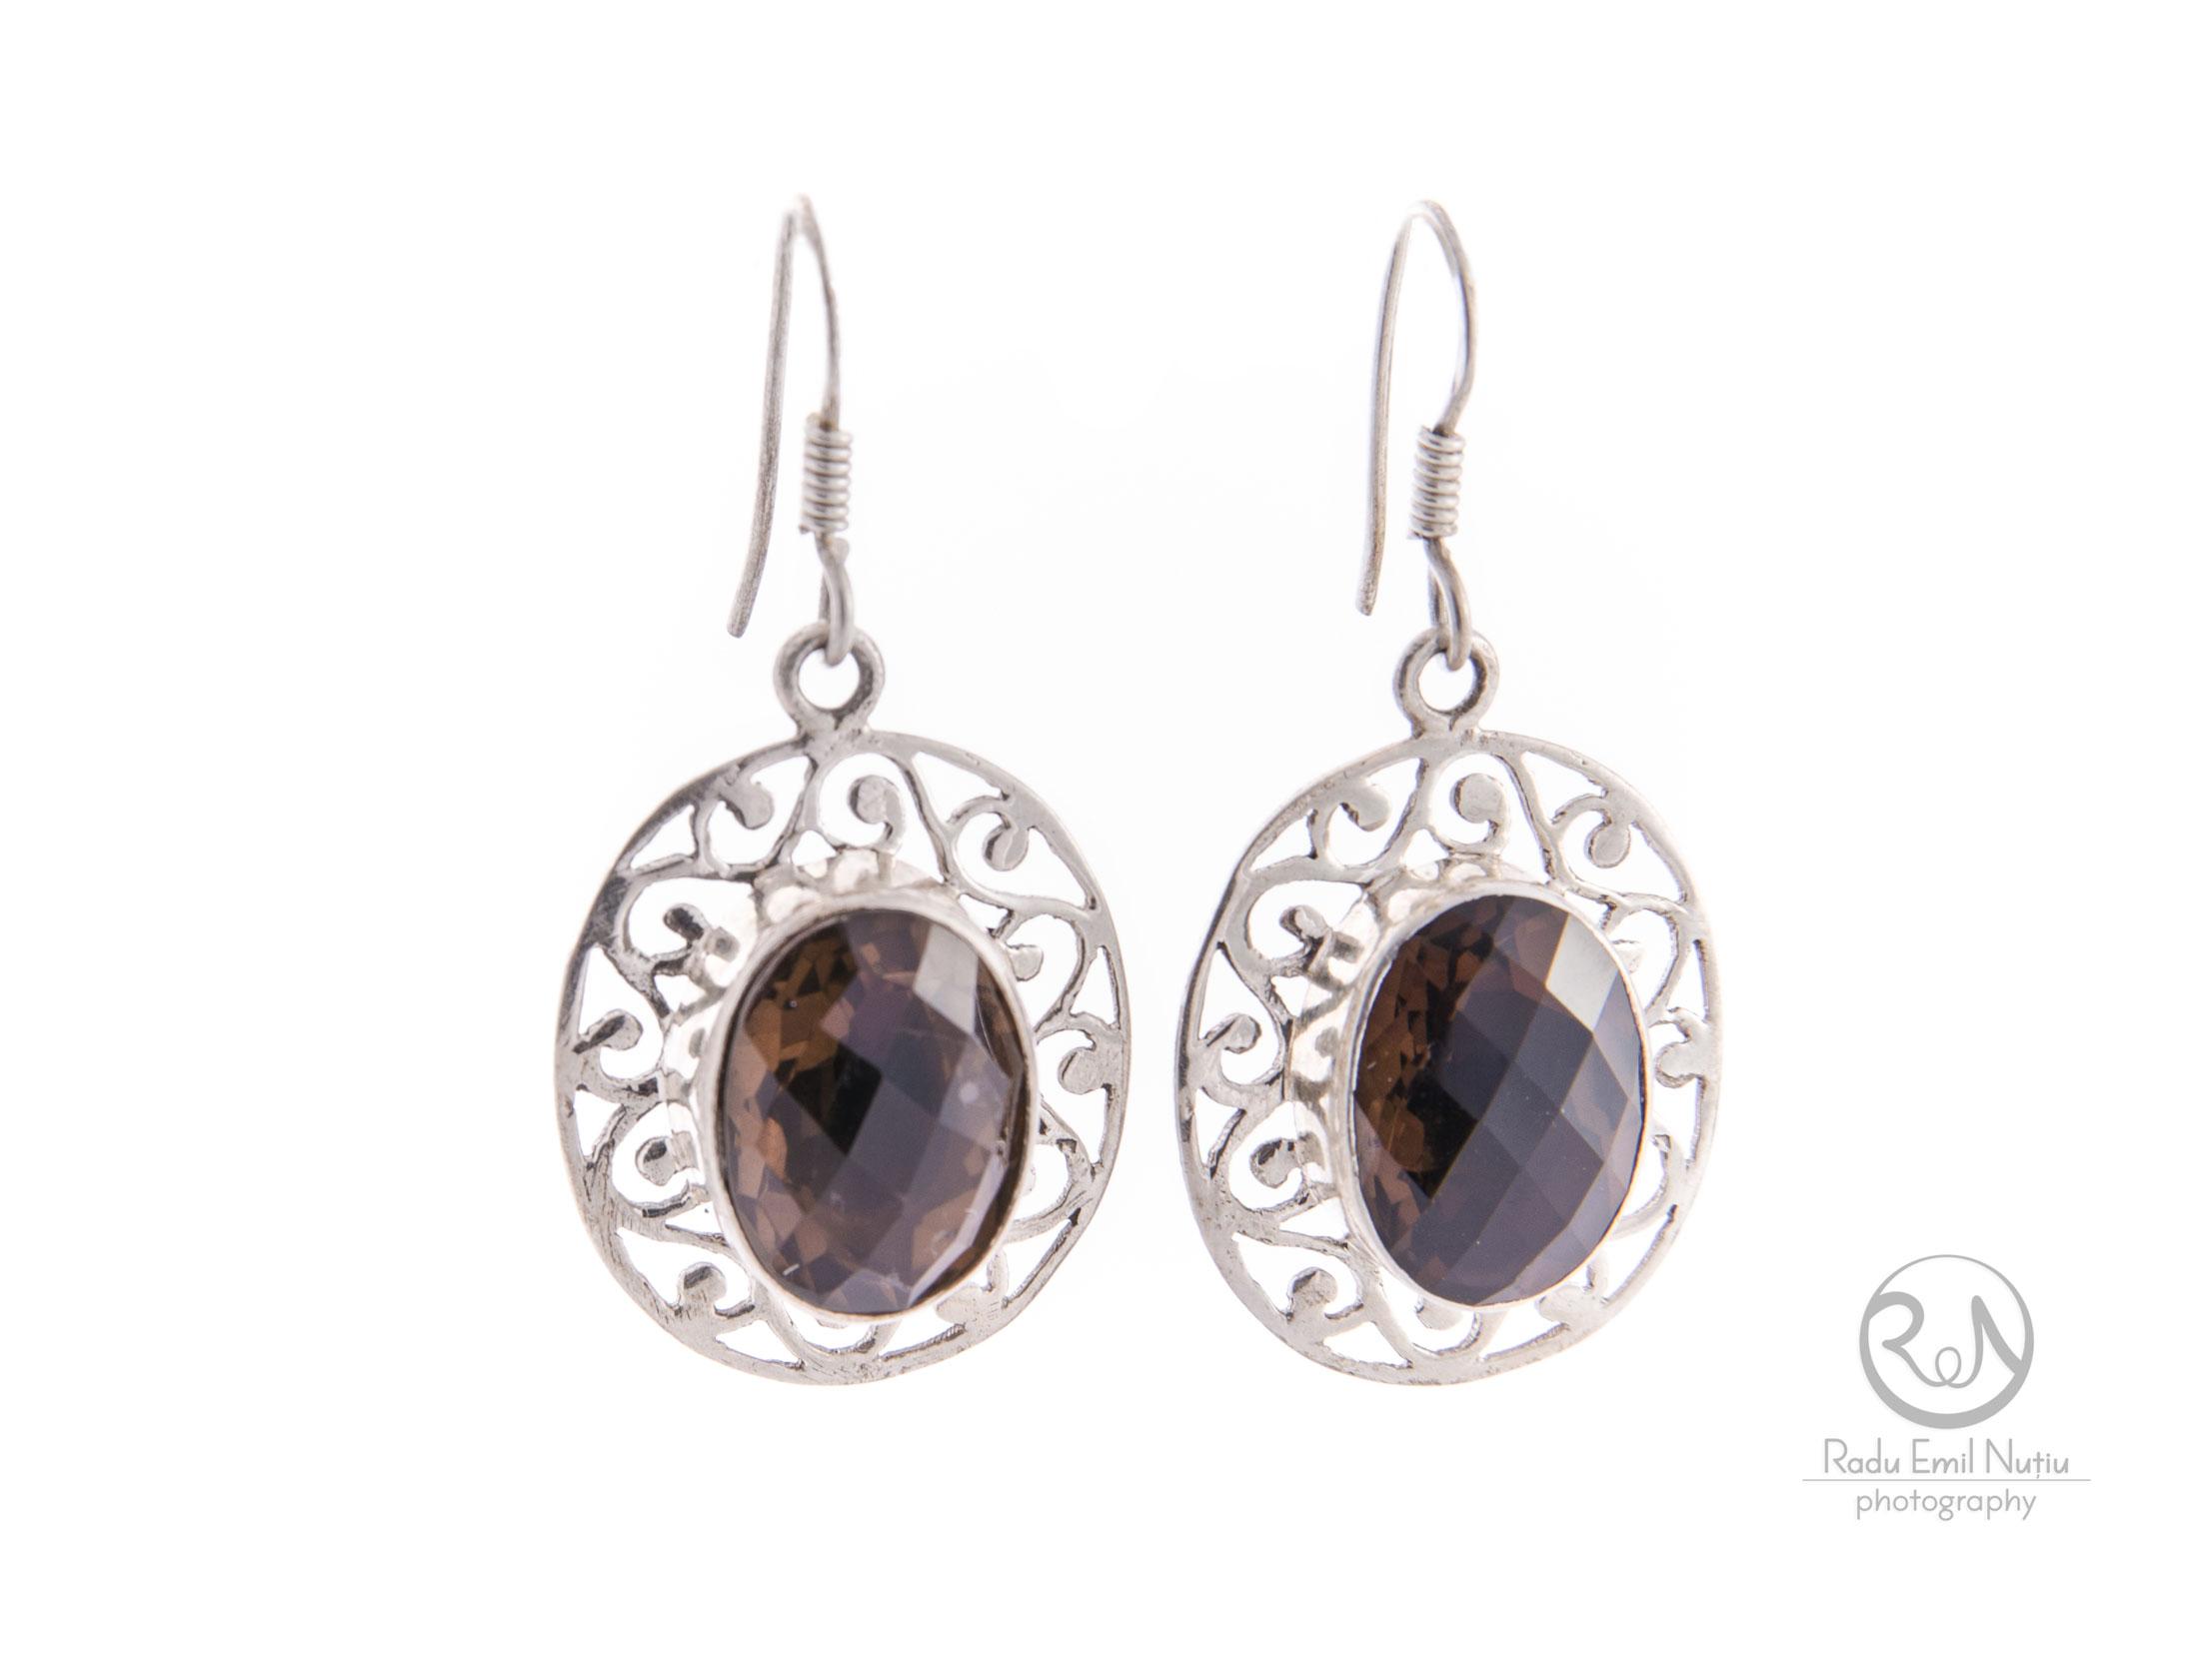 jewelry earrings set